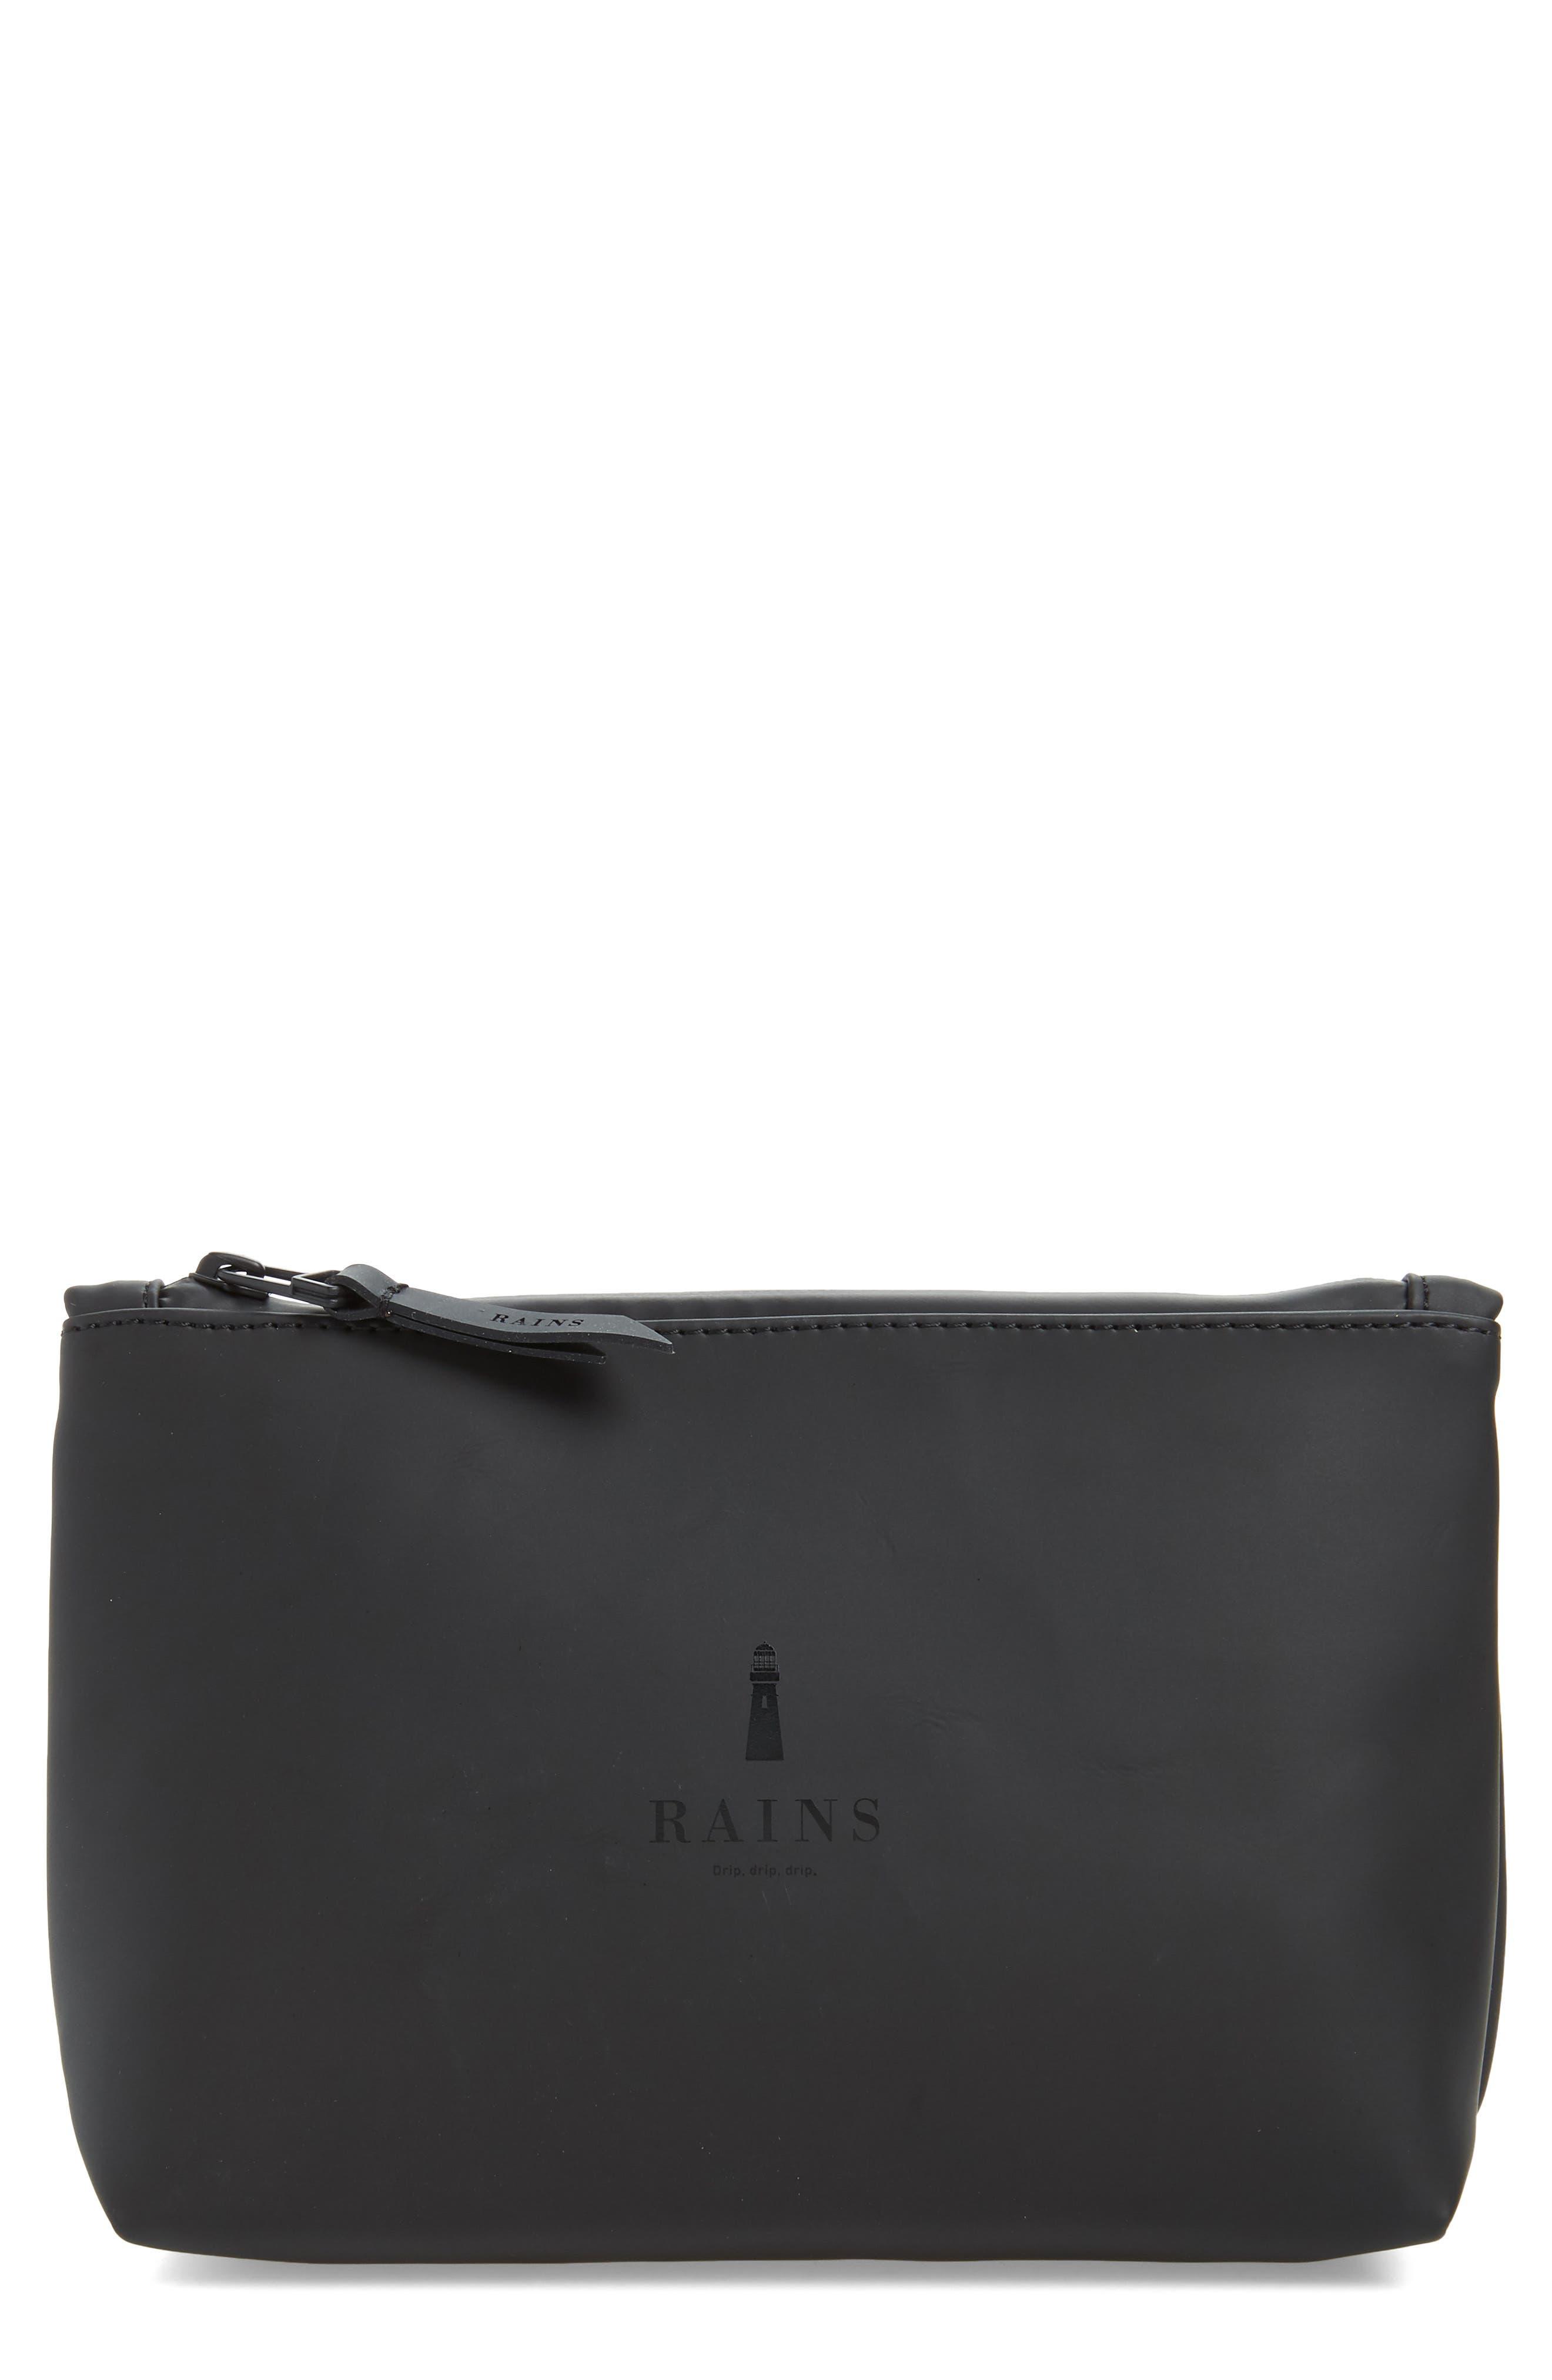 RAINS Waterproof Cosmetics Bag, Main, color, BLACK